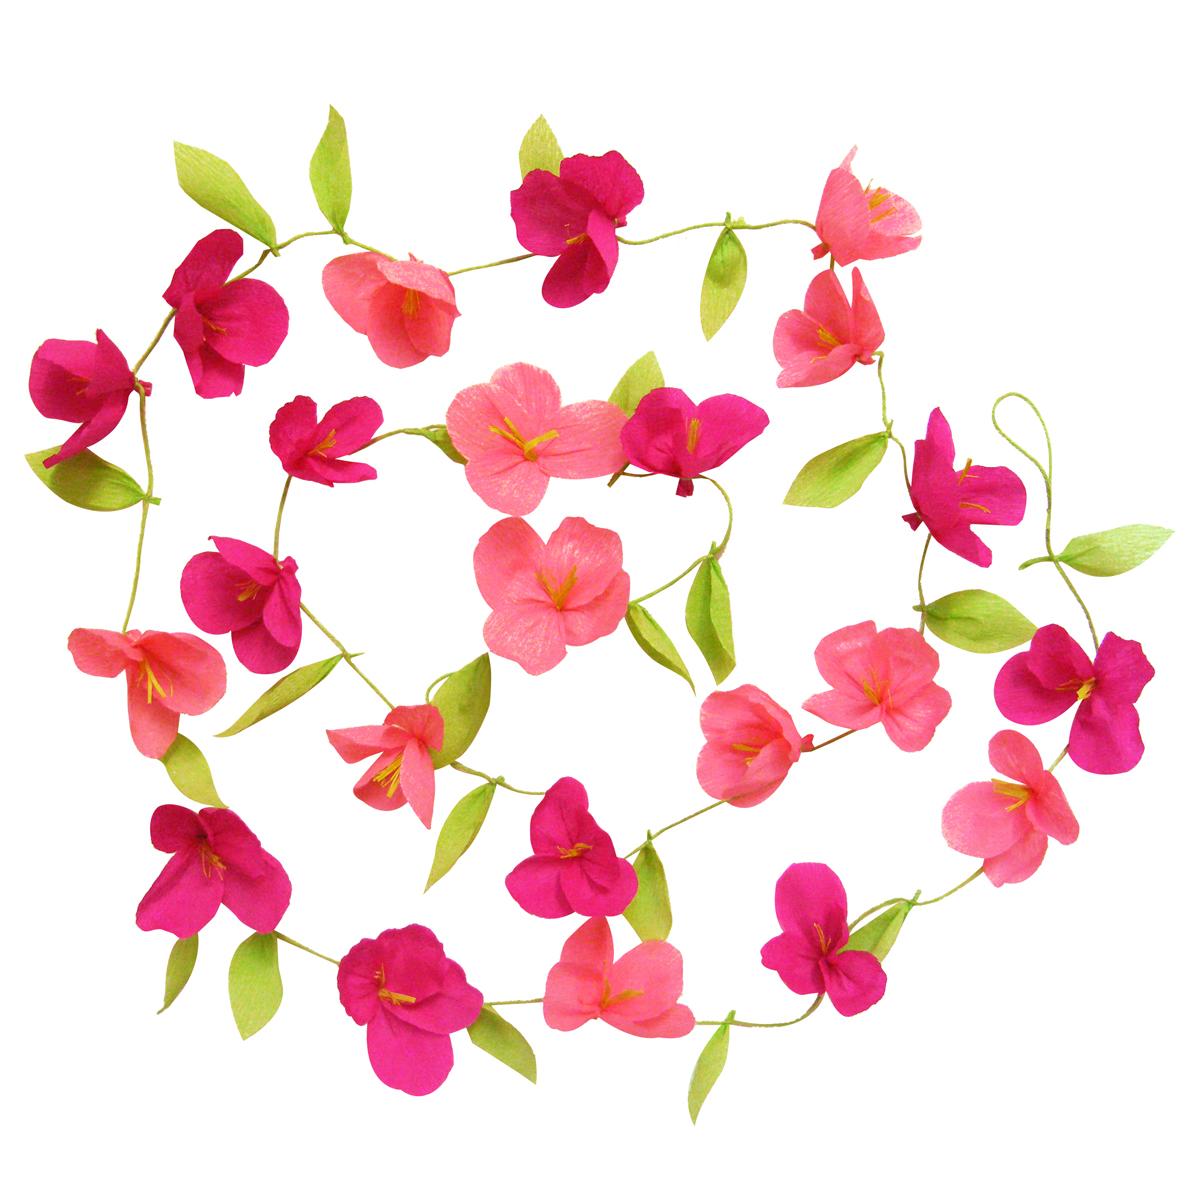 Dessins en couleurs imprimer fleurs num ro 616285 - Fleurs en dessin ...